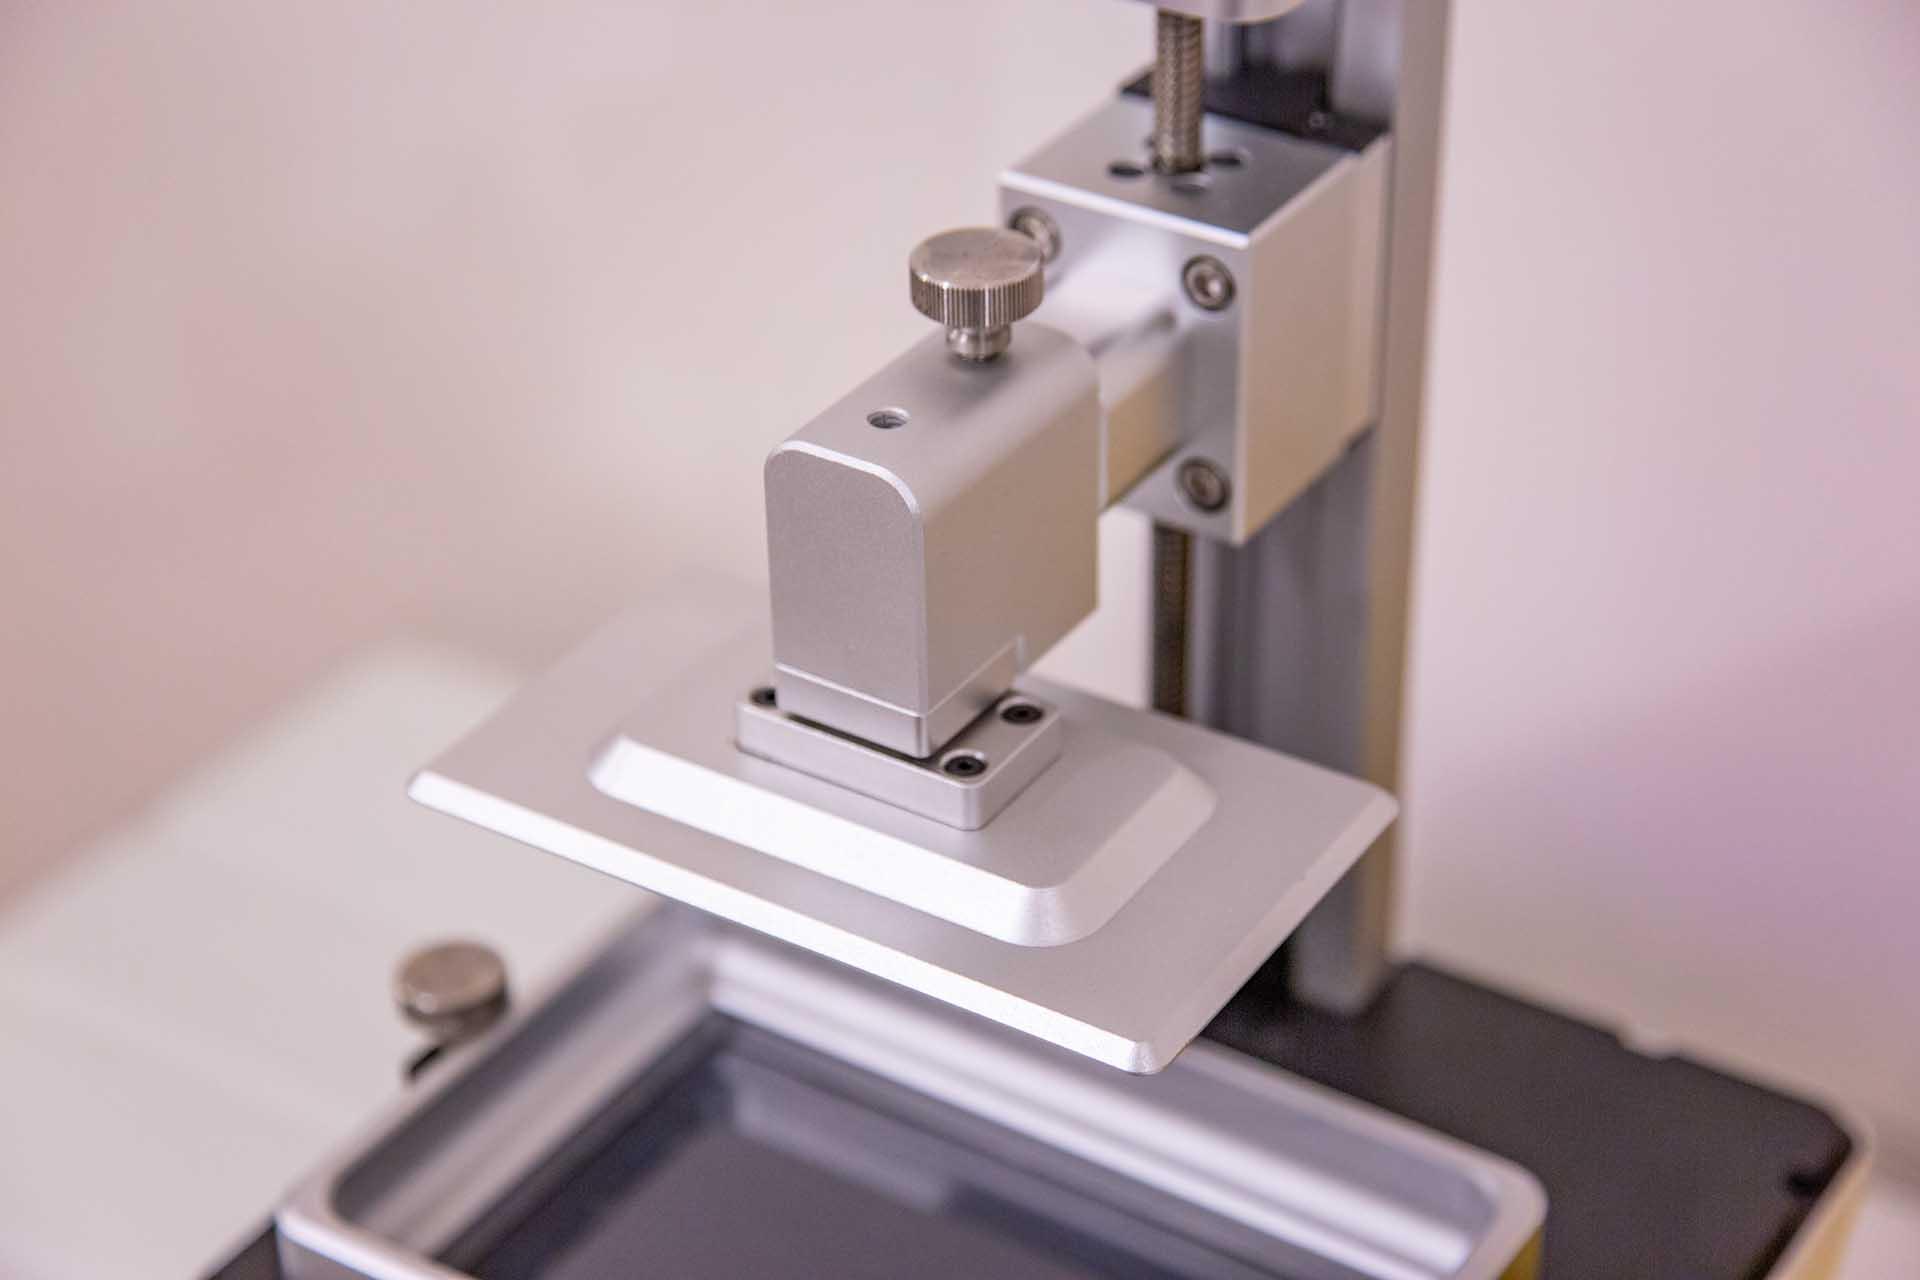 Print bed Anet N4